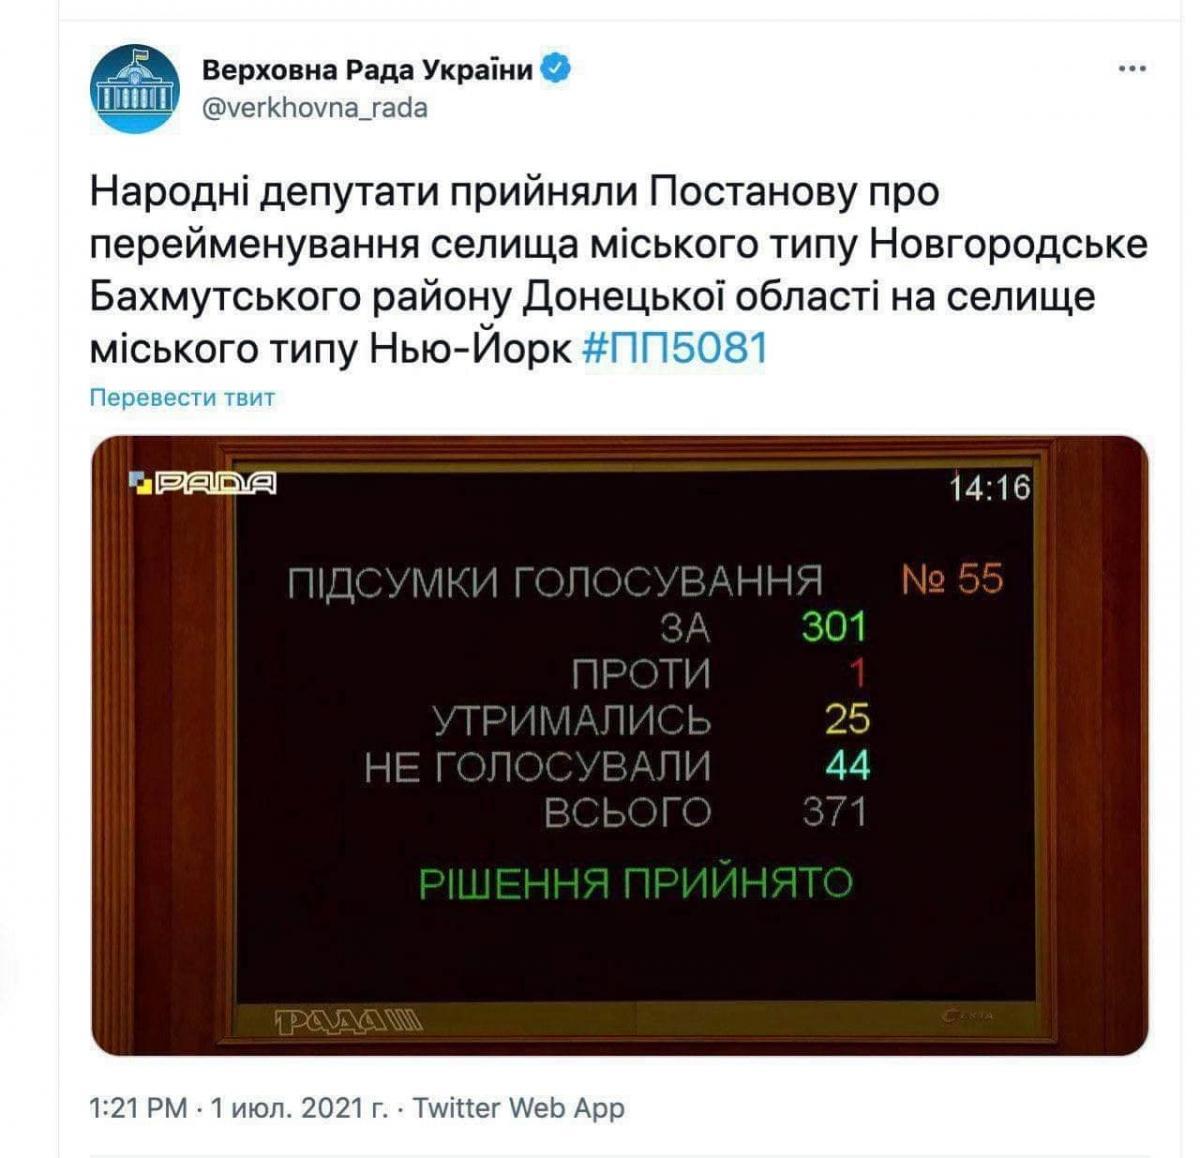 Против переименования выступил только один депутат / фото - twitter.com/verkhovna_rada